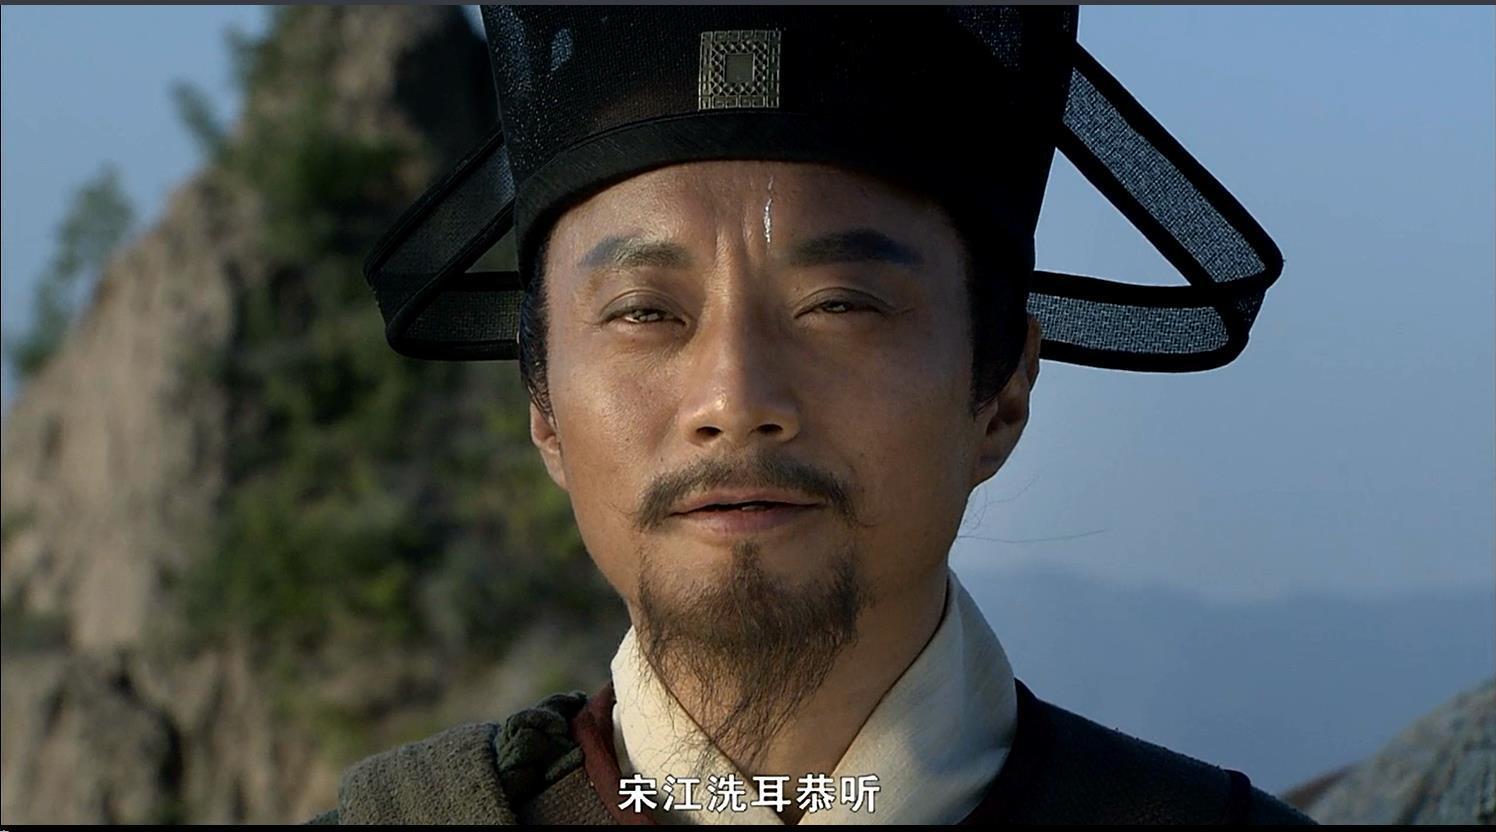 新水浒传2010BD迅雷种子百度网盘高清116.19GB